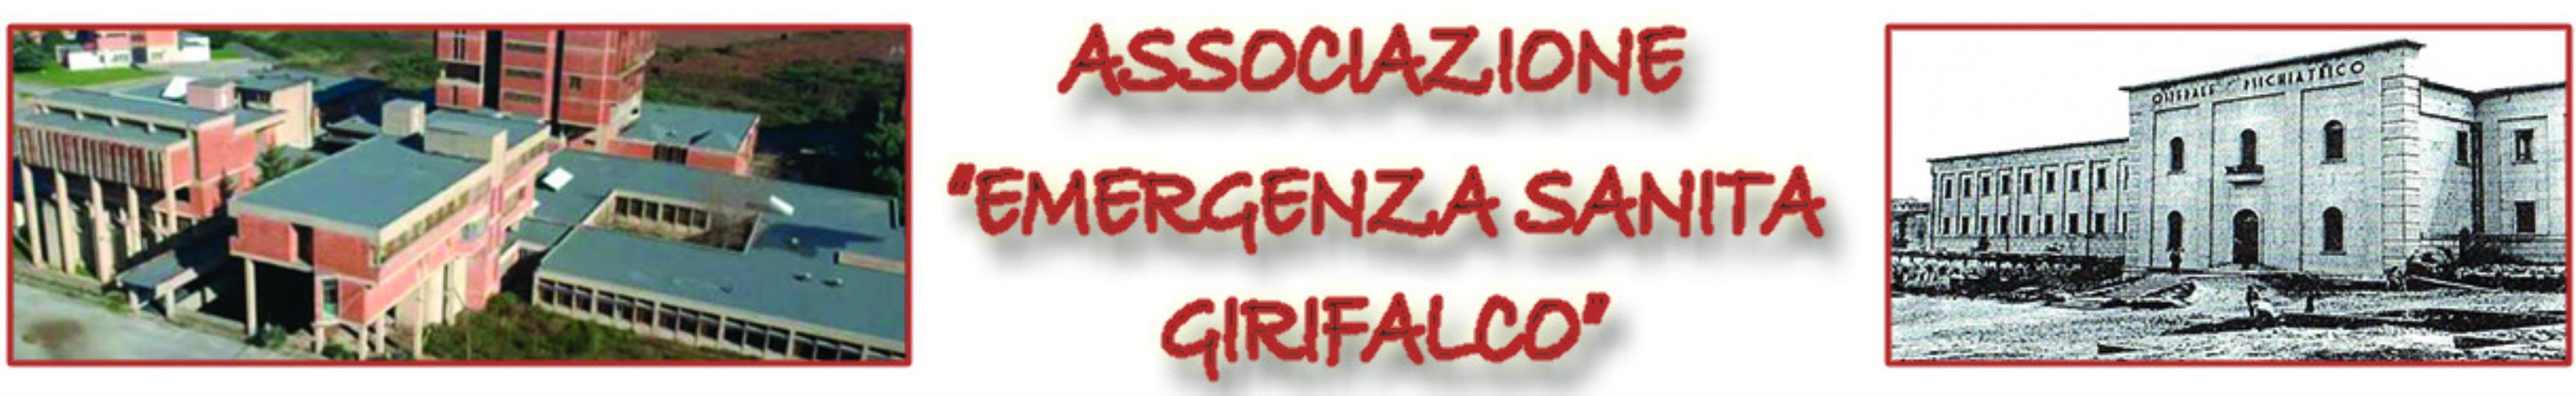 """images Nasce ufficialmente l'associazione """"Emergenza Sanità Girifalco"""""""